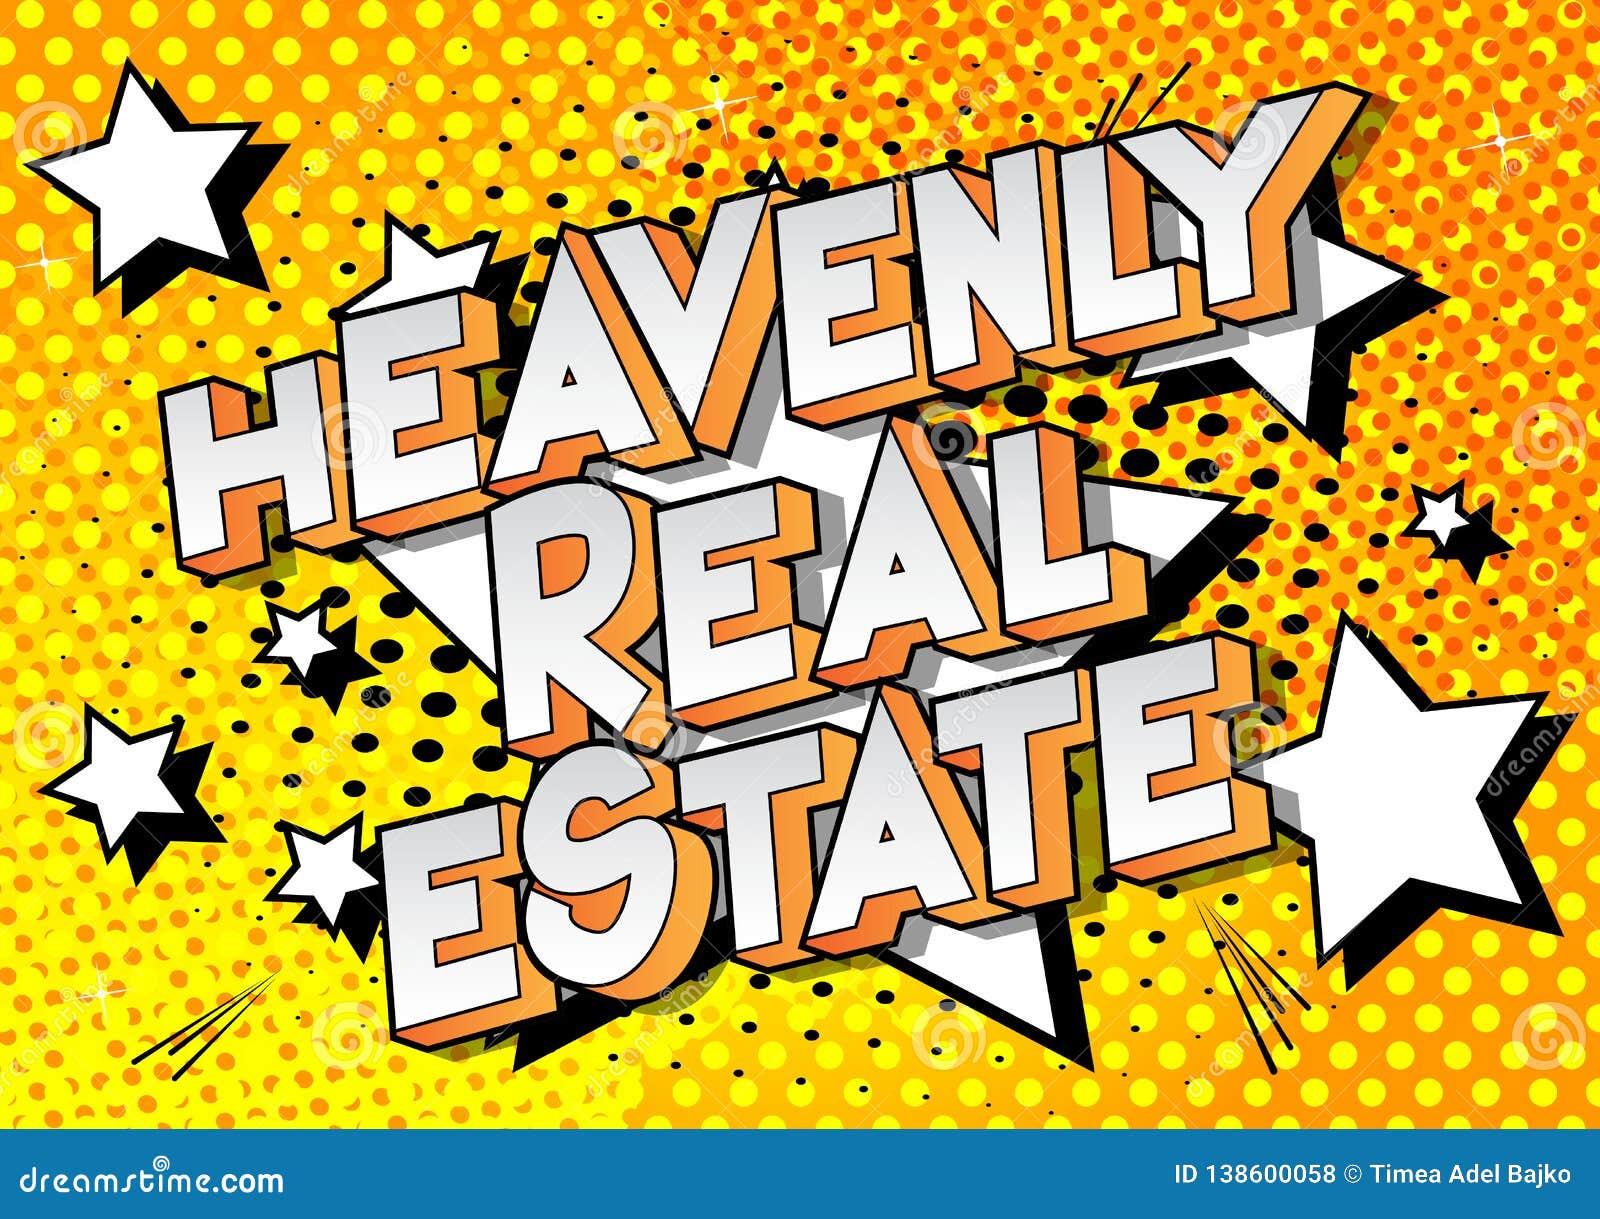 Hemels Real Estate - de Grappige woorden van de boekstijl